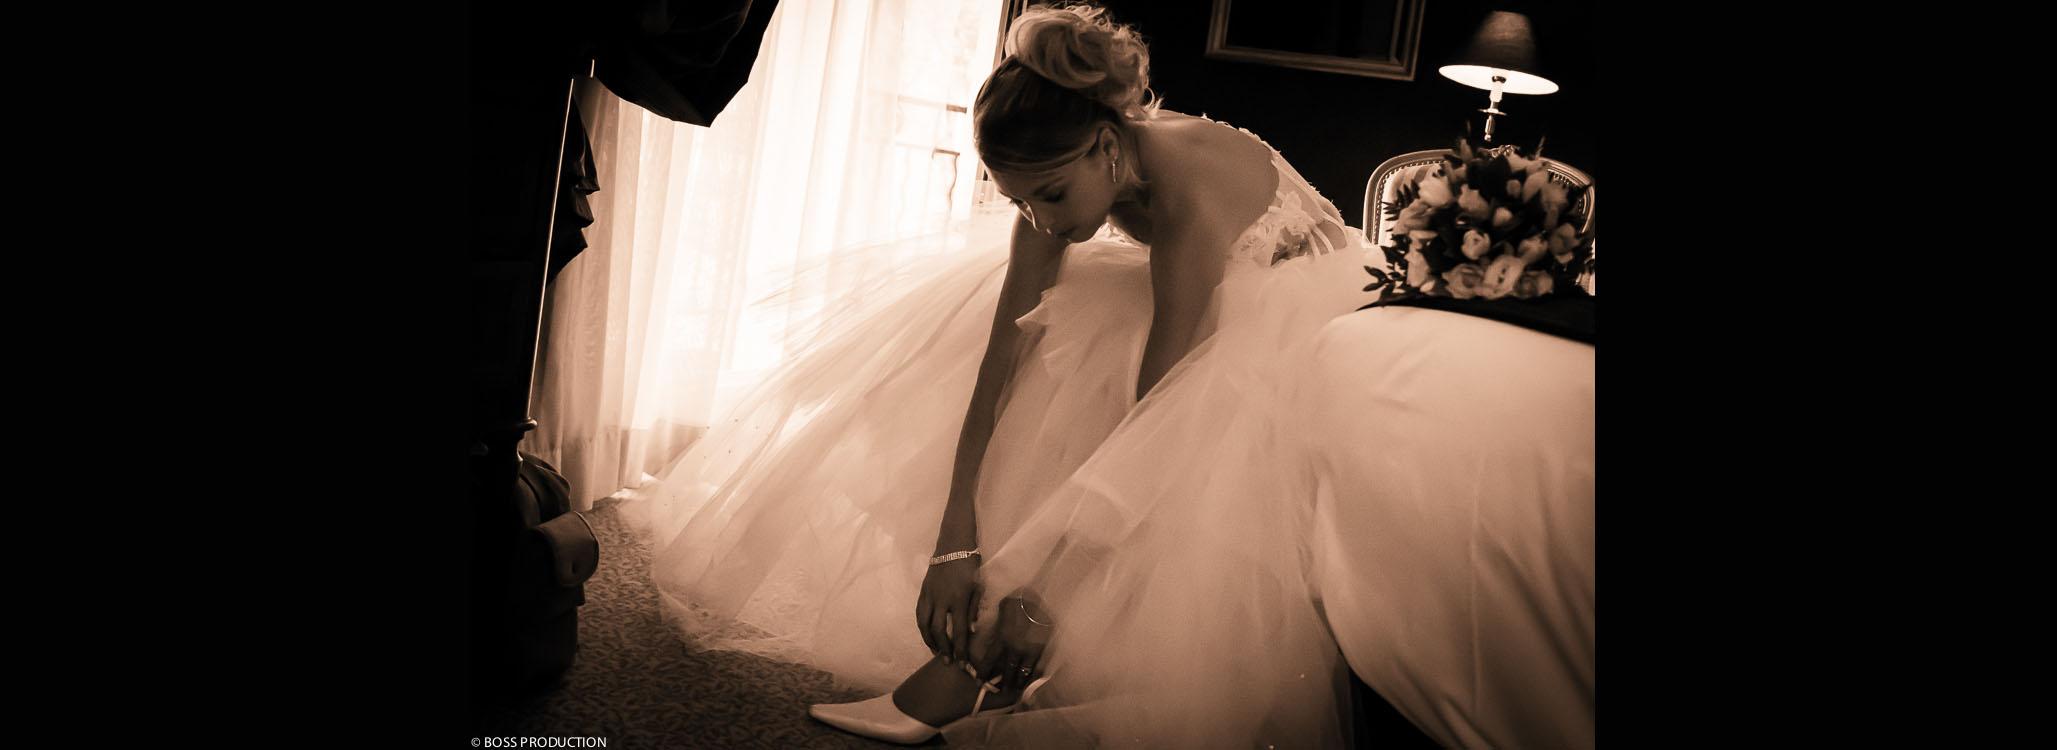 BOSS-PROD-MARIAGE-8